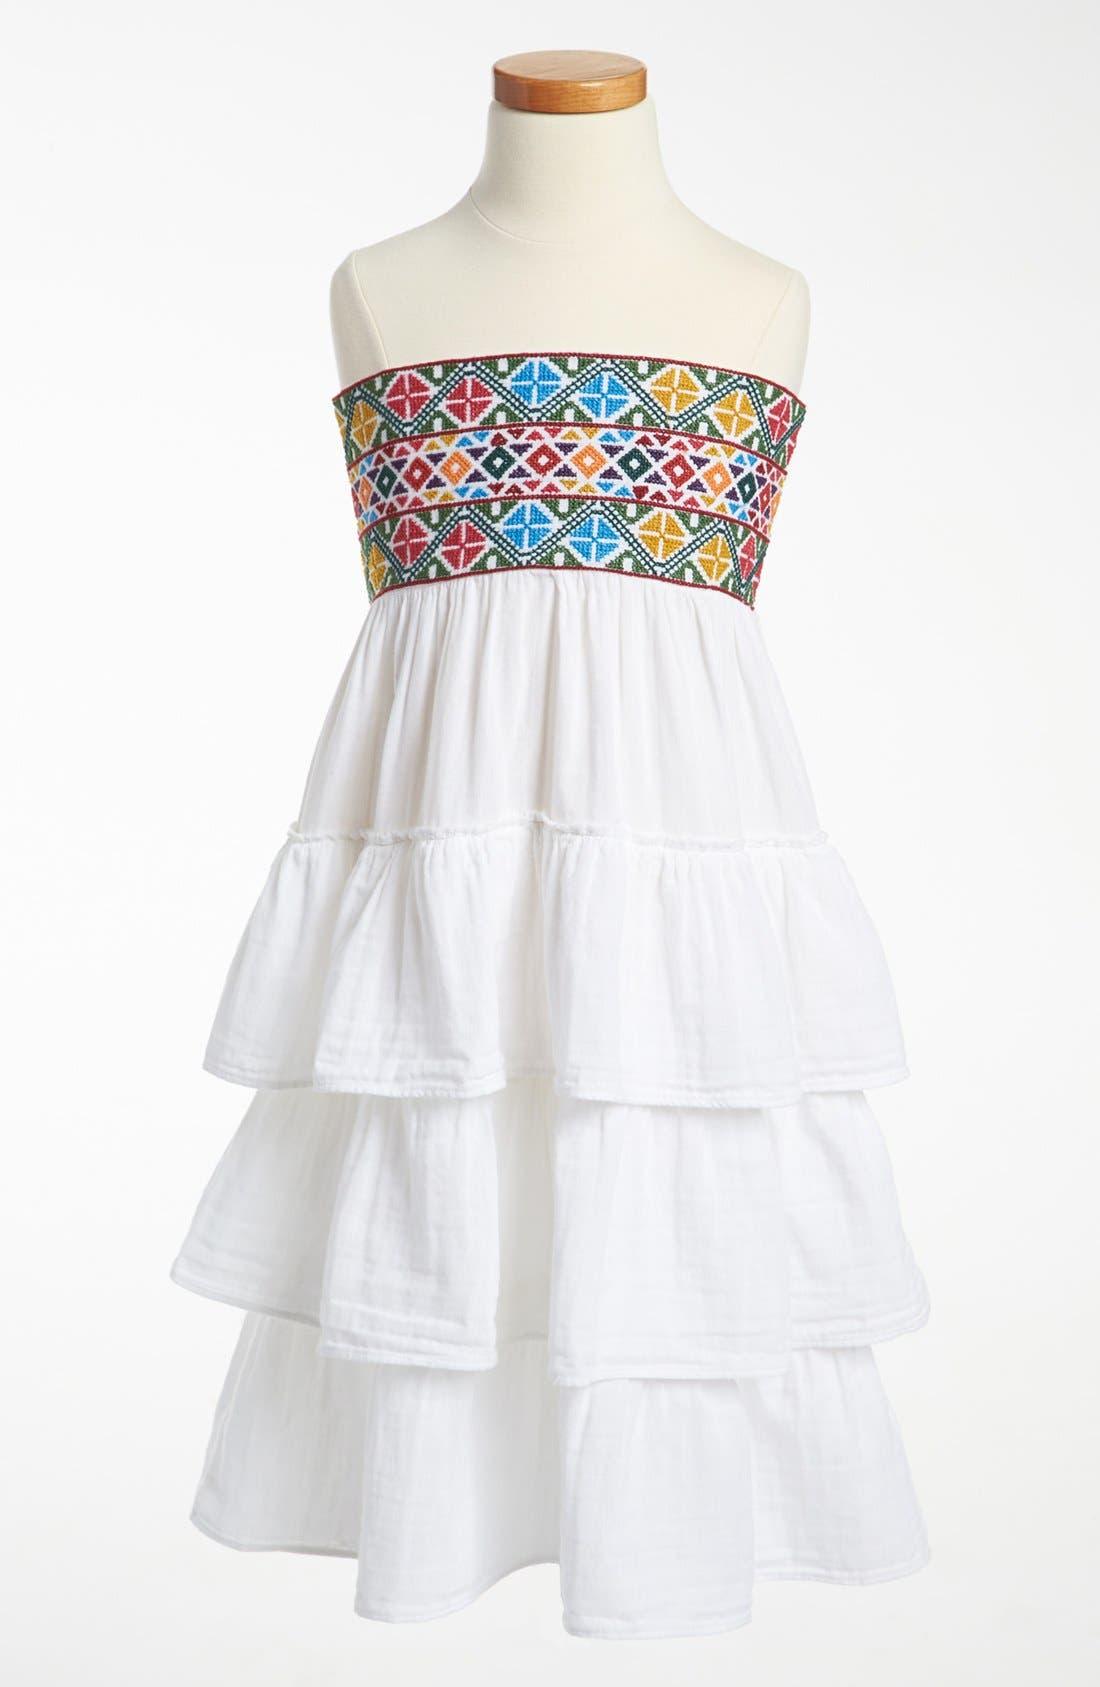 Alternate Image 1 Selected - Peek 'Maya' Dress (Toddler, Little Girls & Big Girls)